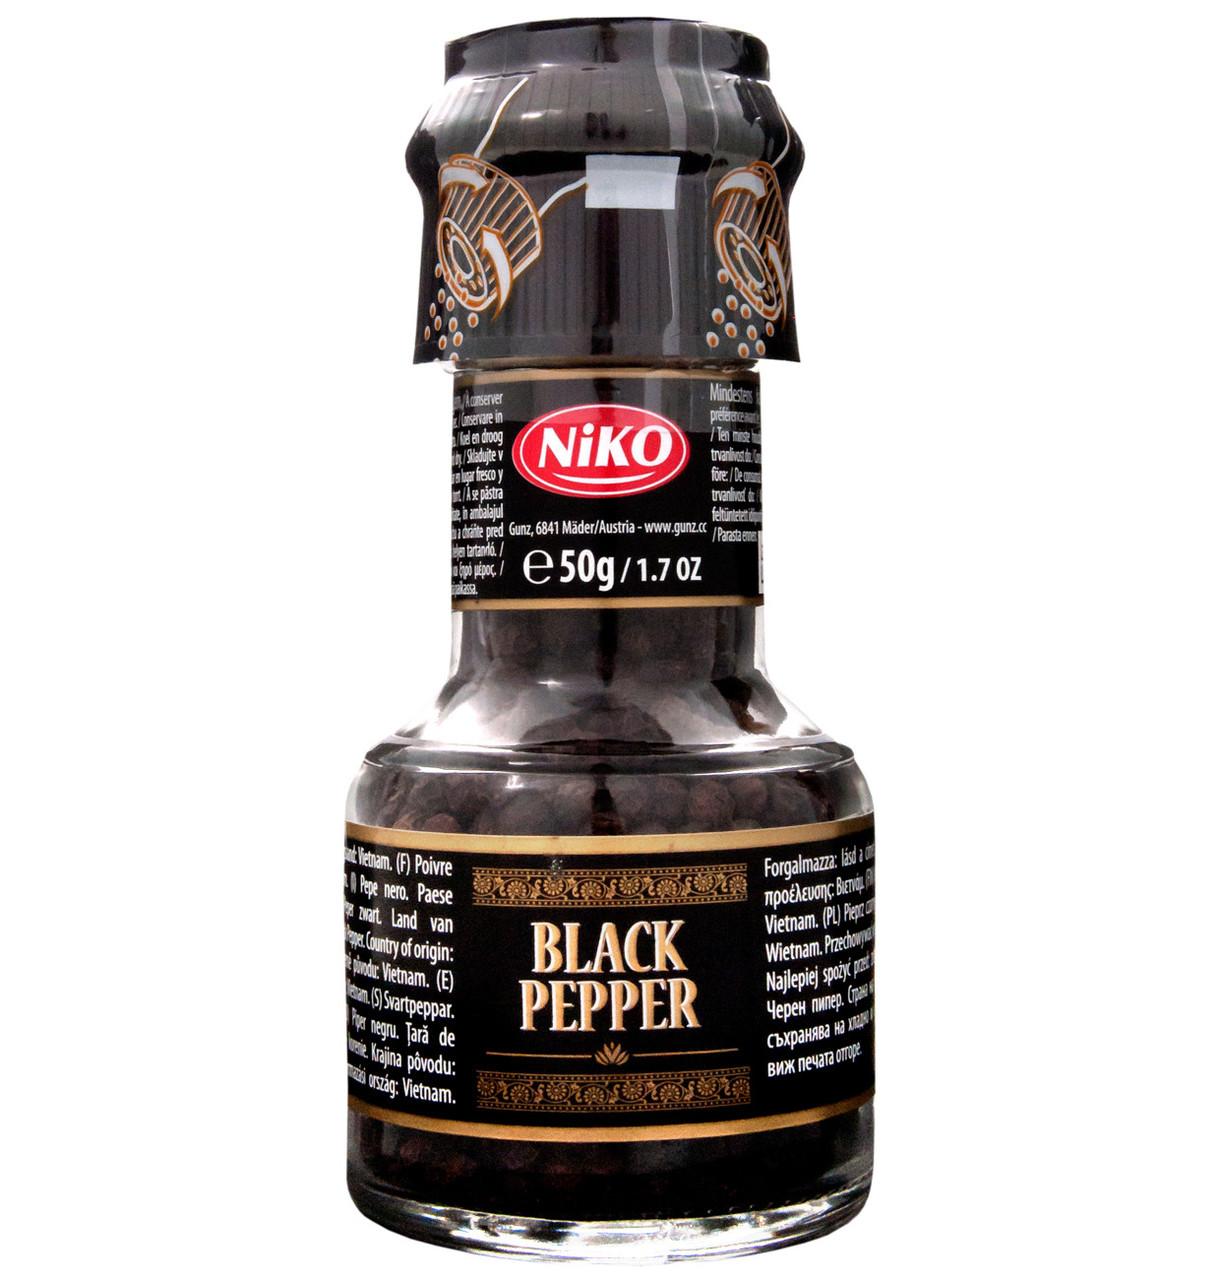 Черный перец горошком Black Peppr Niko с мельницей, 50 г